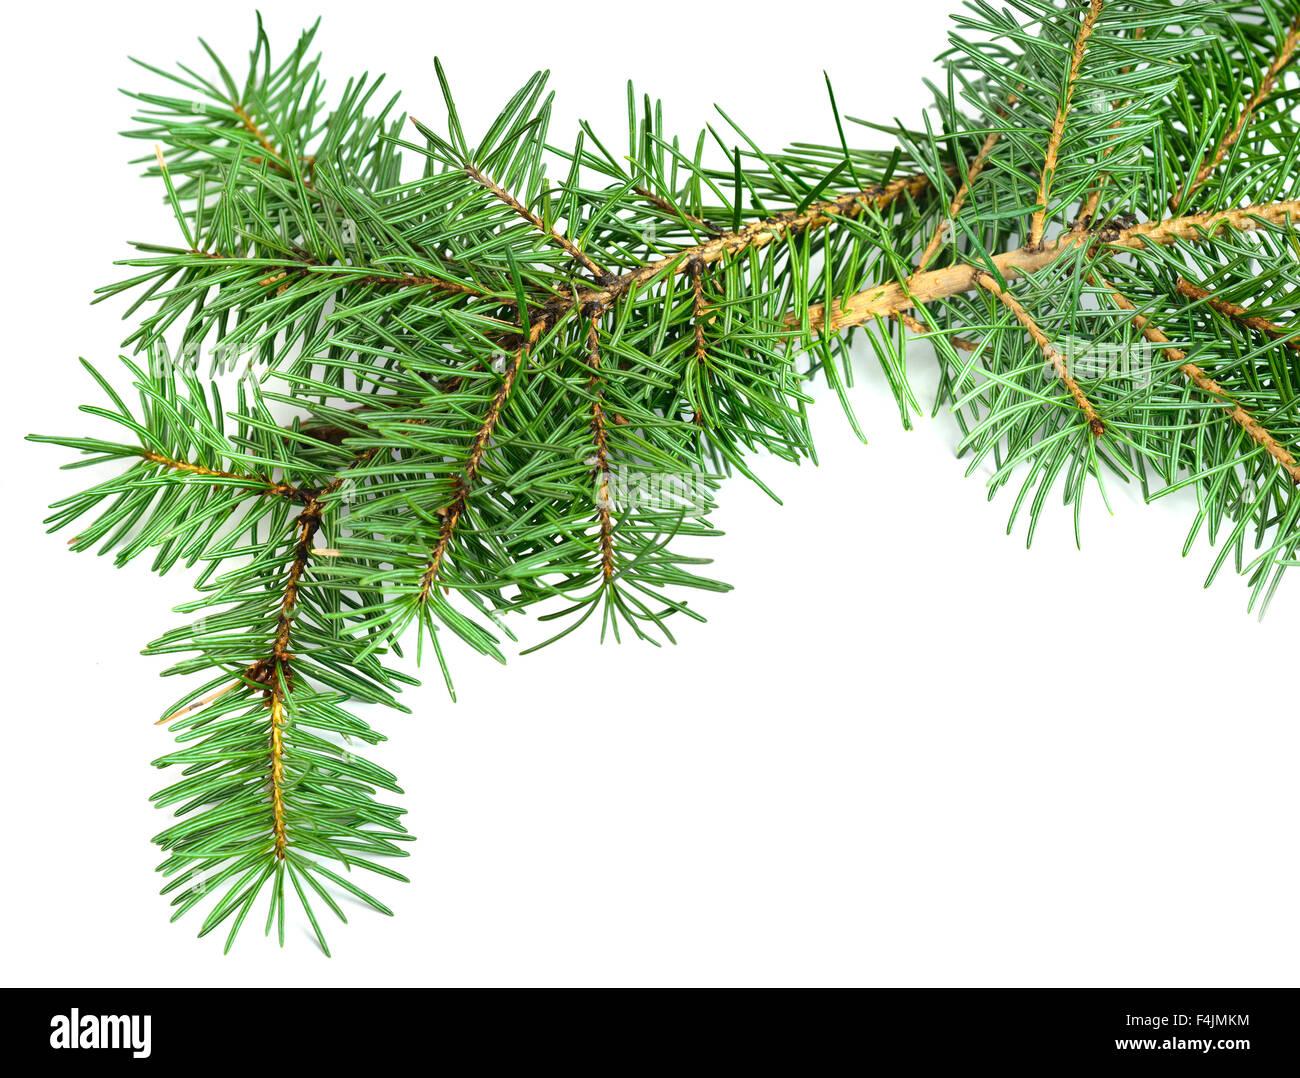 Weihnachtsbaum Zweig isoliert auf weiss Stockbild